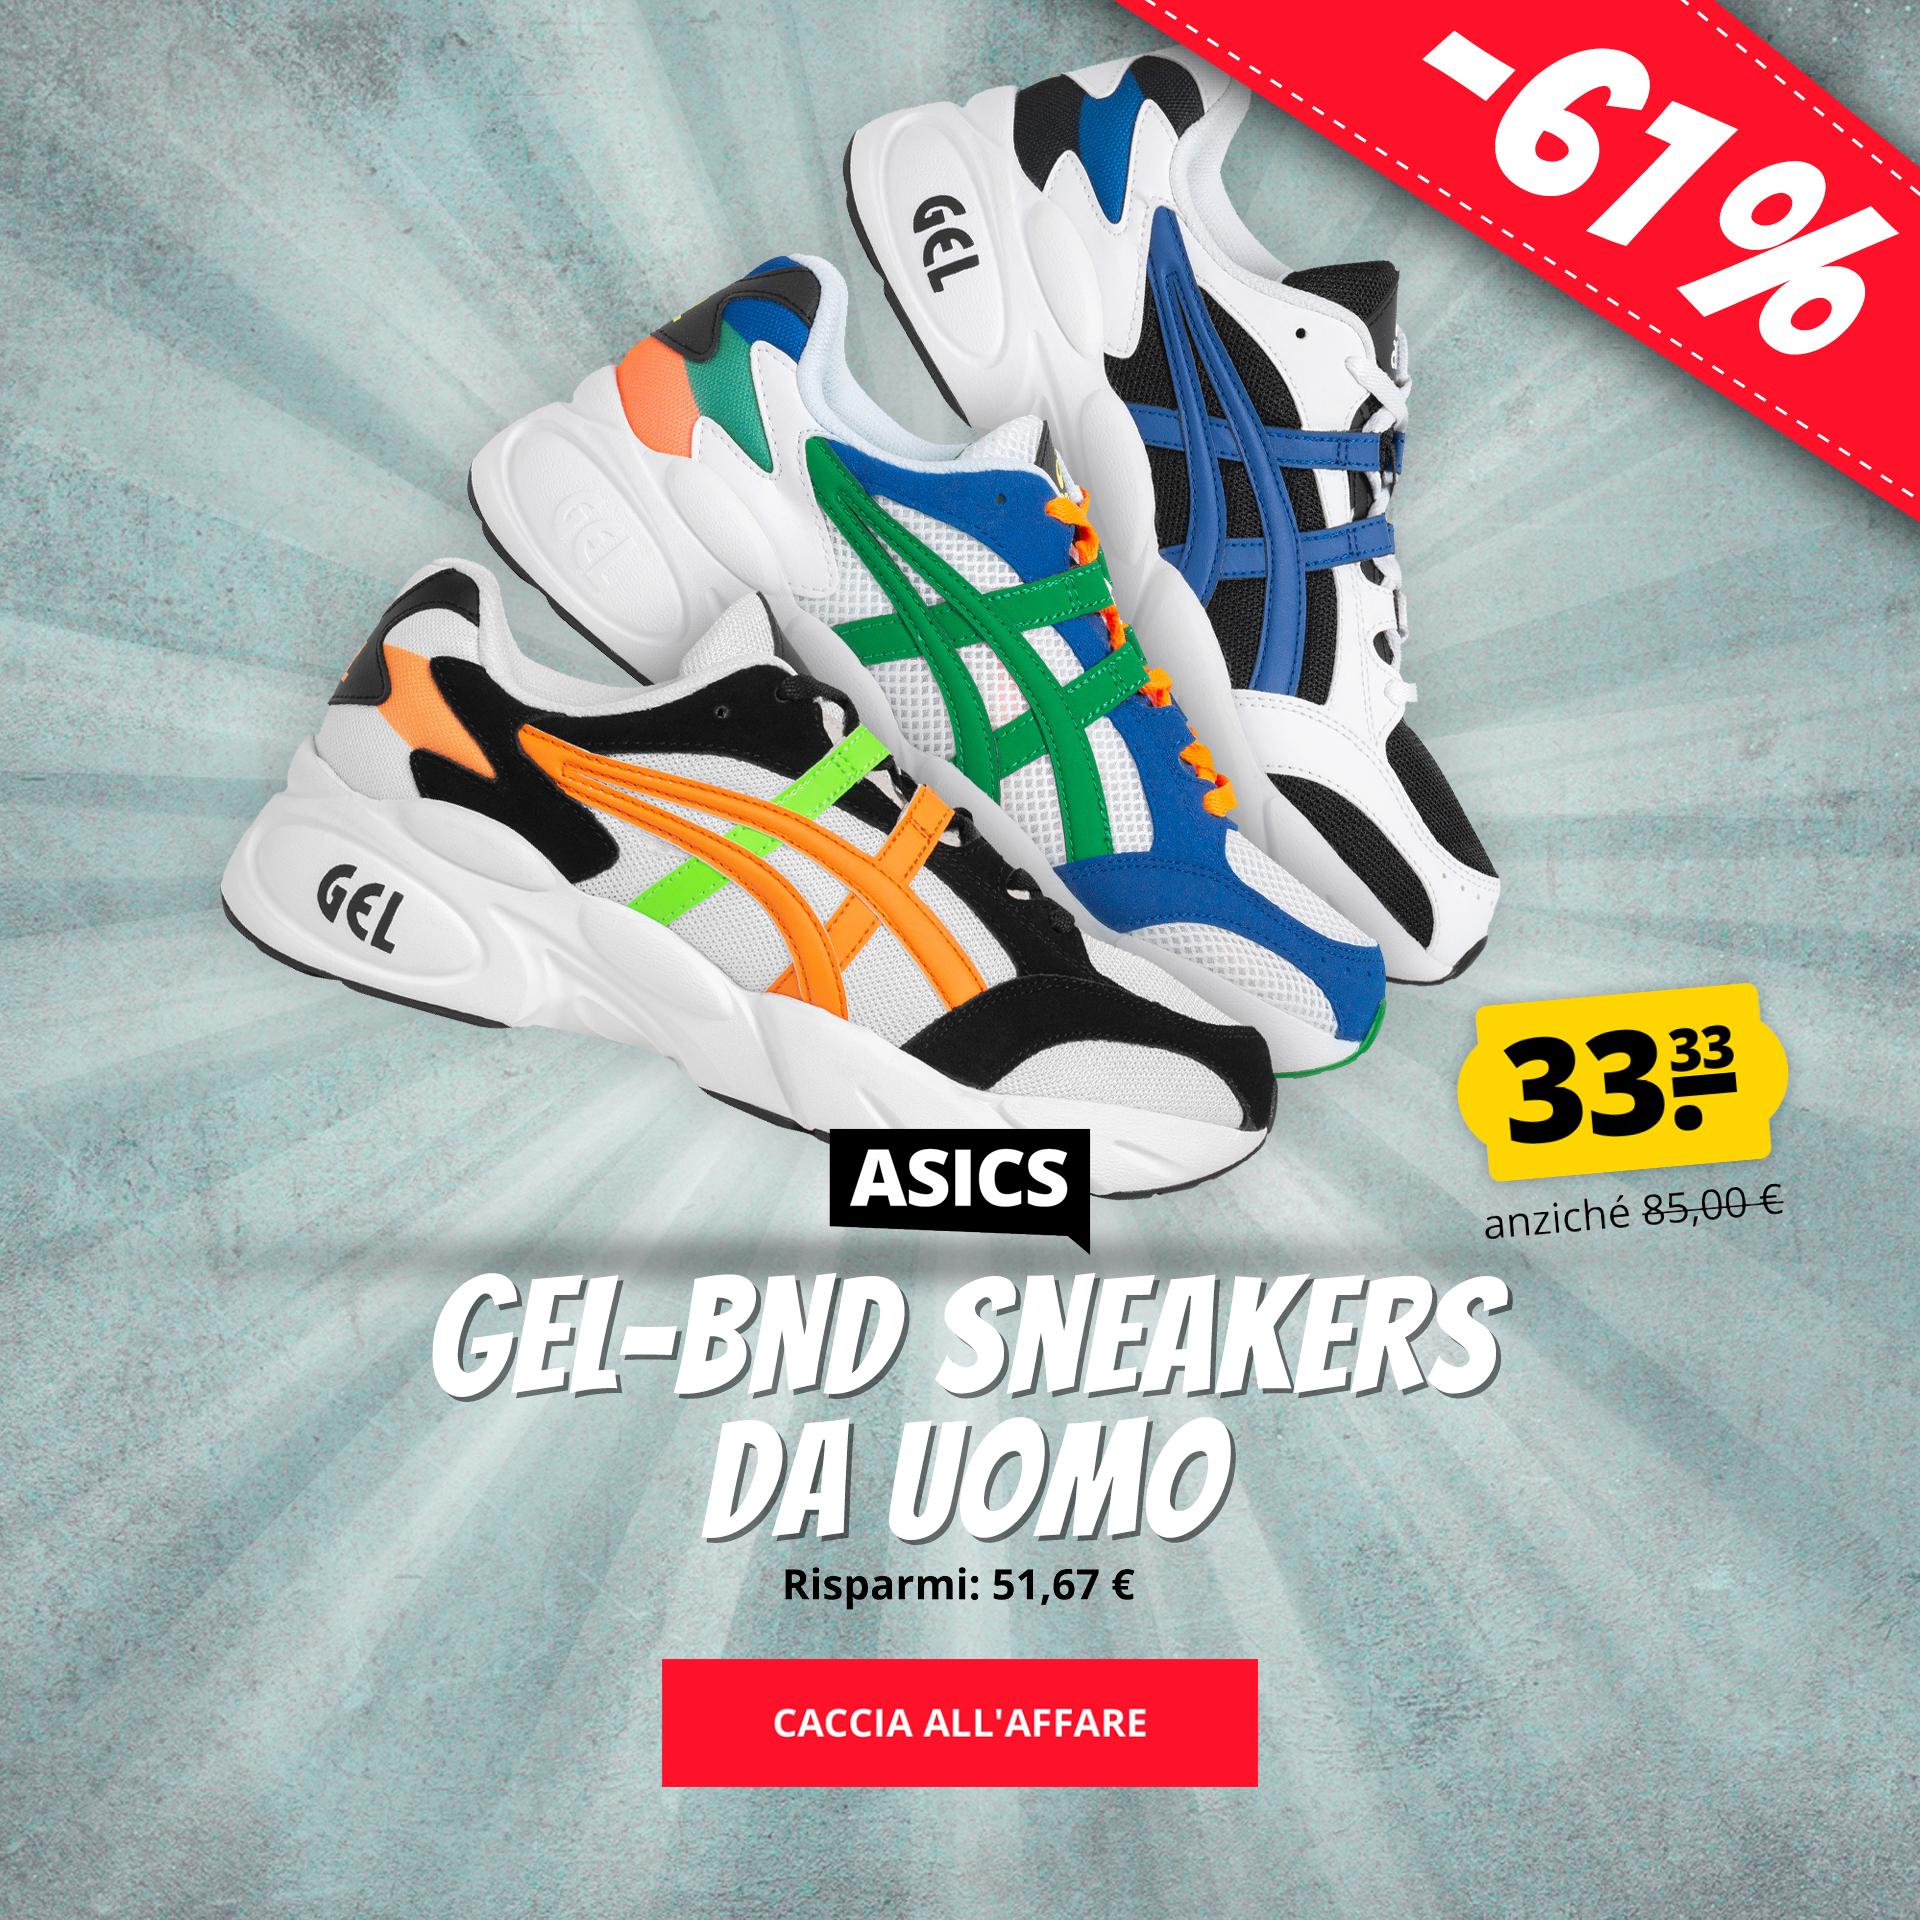 ASICS GEL-BND Sneakers da uomo solo 33,33 €